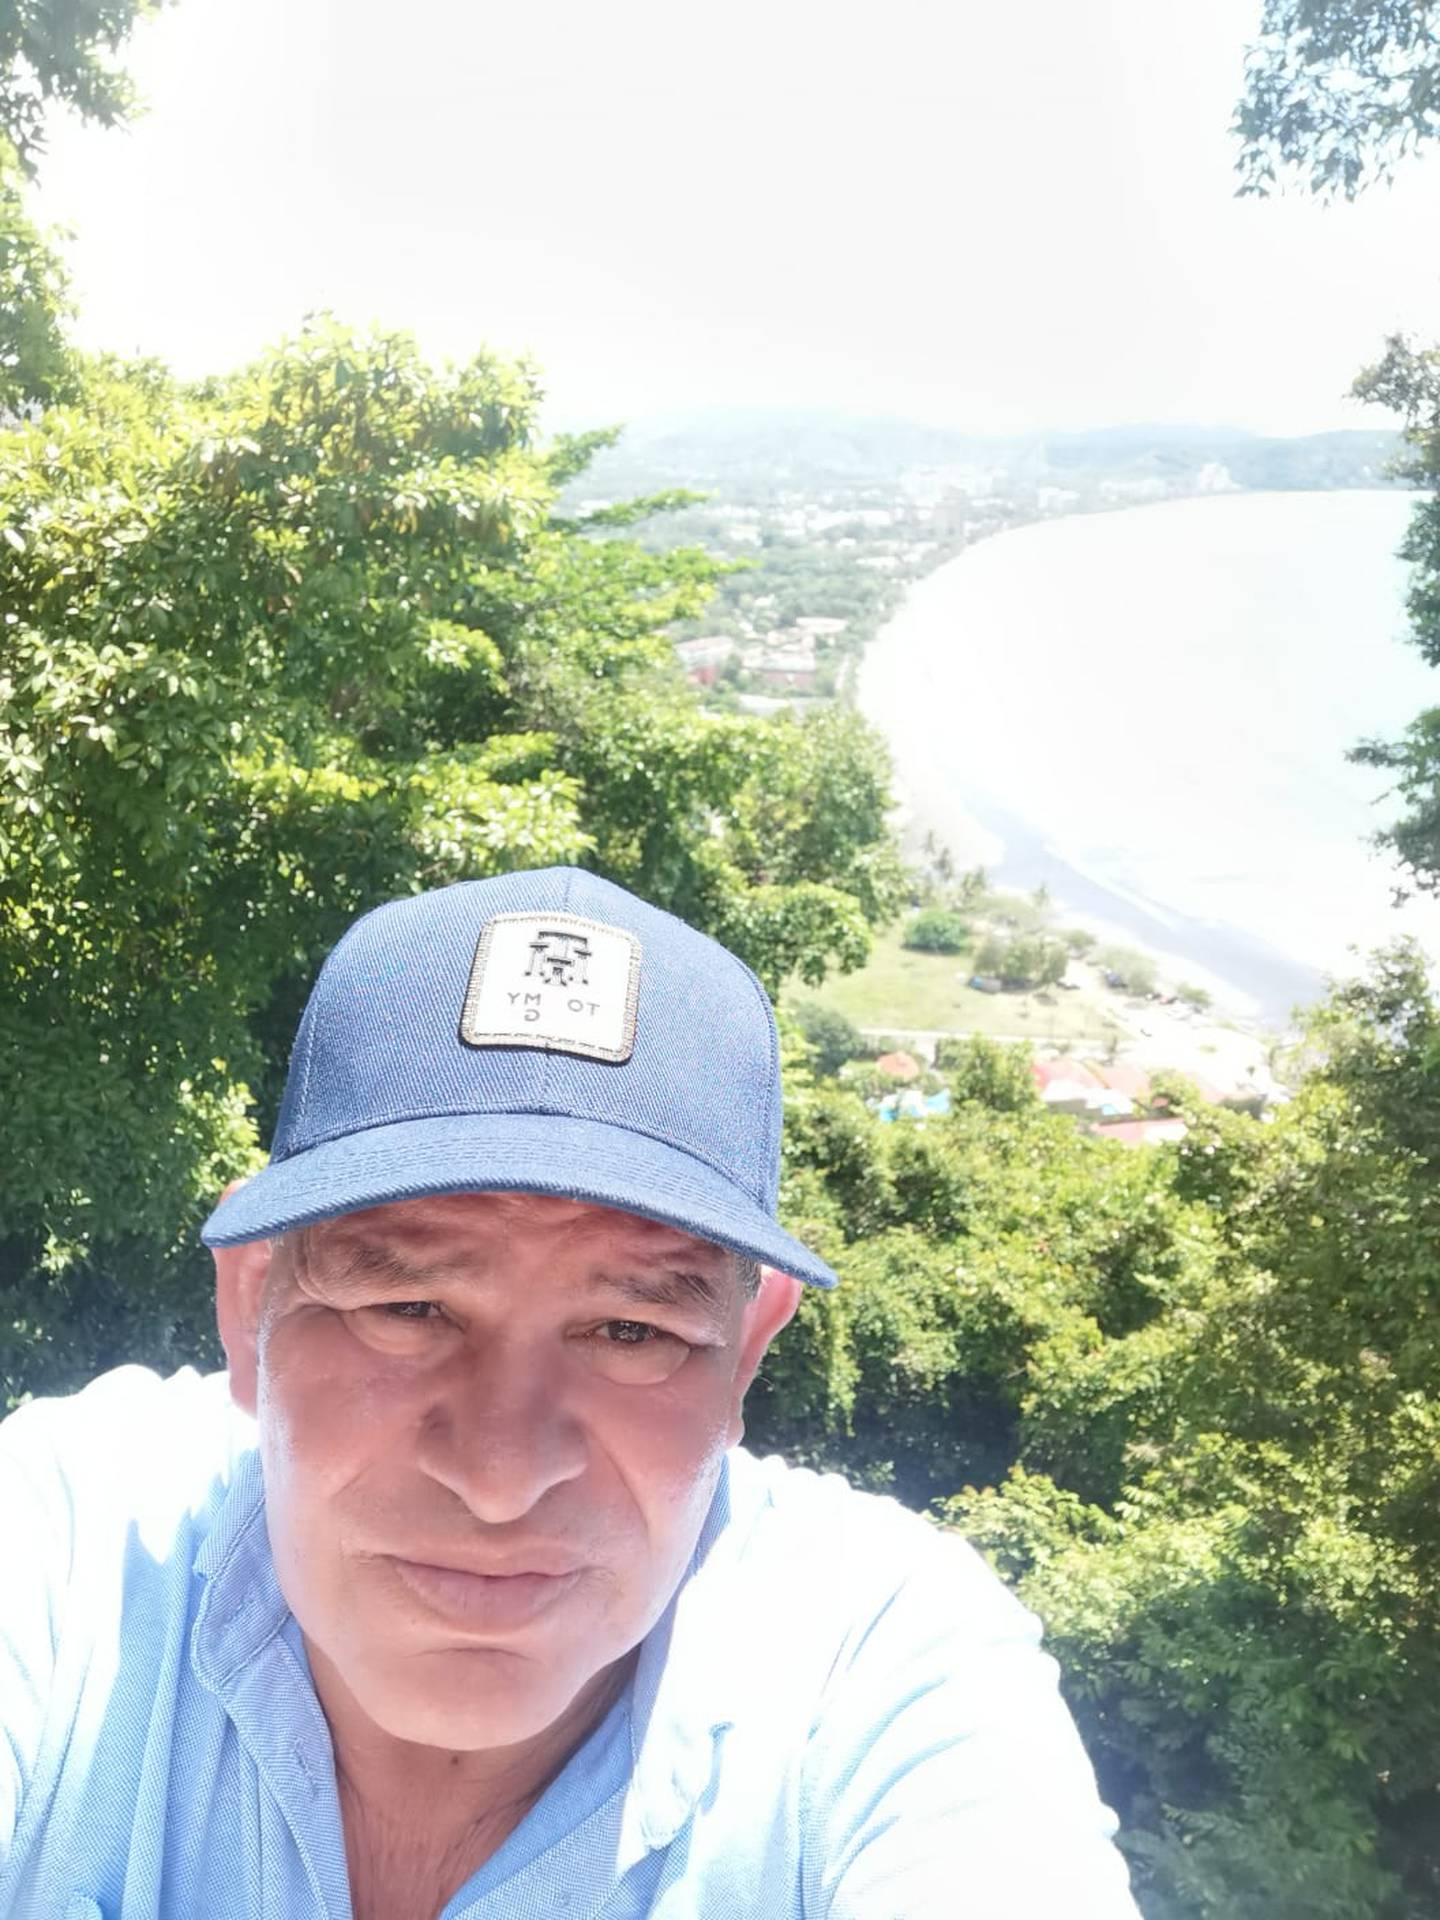 Víctor Eduardo Álvarez Redondo, vecino de Potrero Cerrado de Cartago, de 59 años y quien vivió en una de las casitas de la cima del Irazú durante 18 años ya que trabajó, junto a su esposa, para Canal 6, entre 1980 y finales de los noventas.